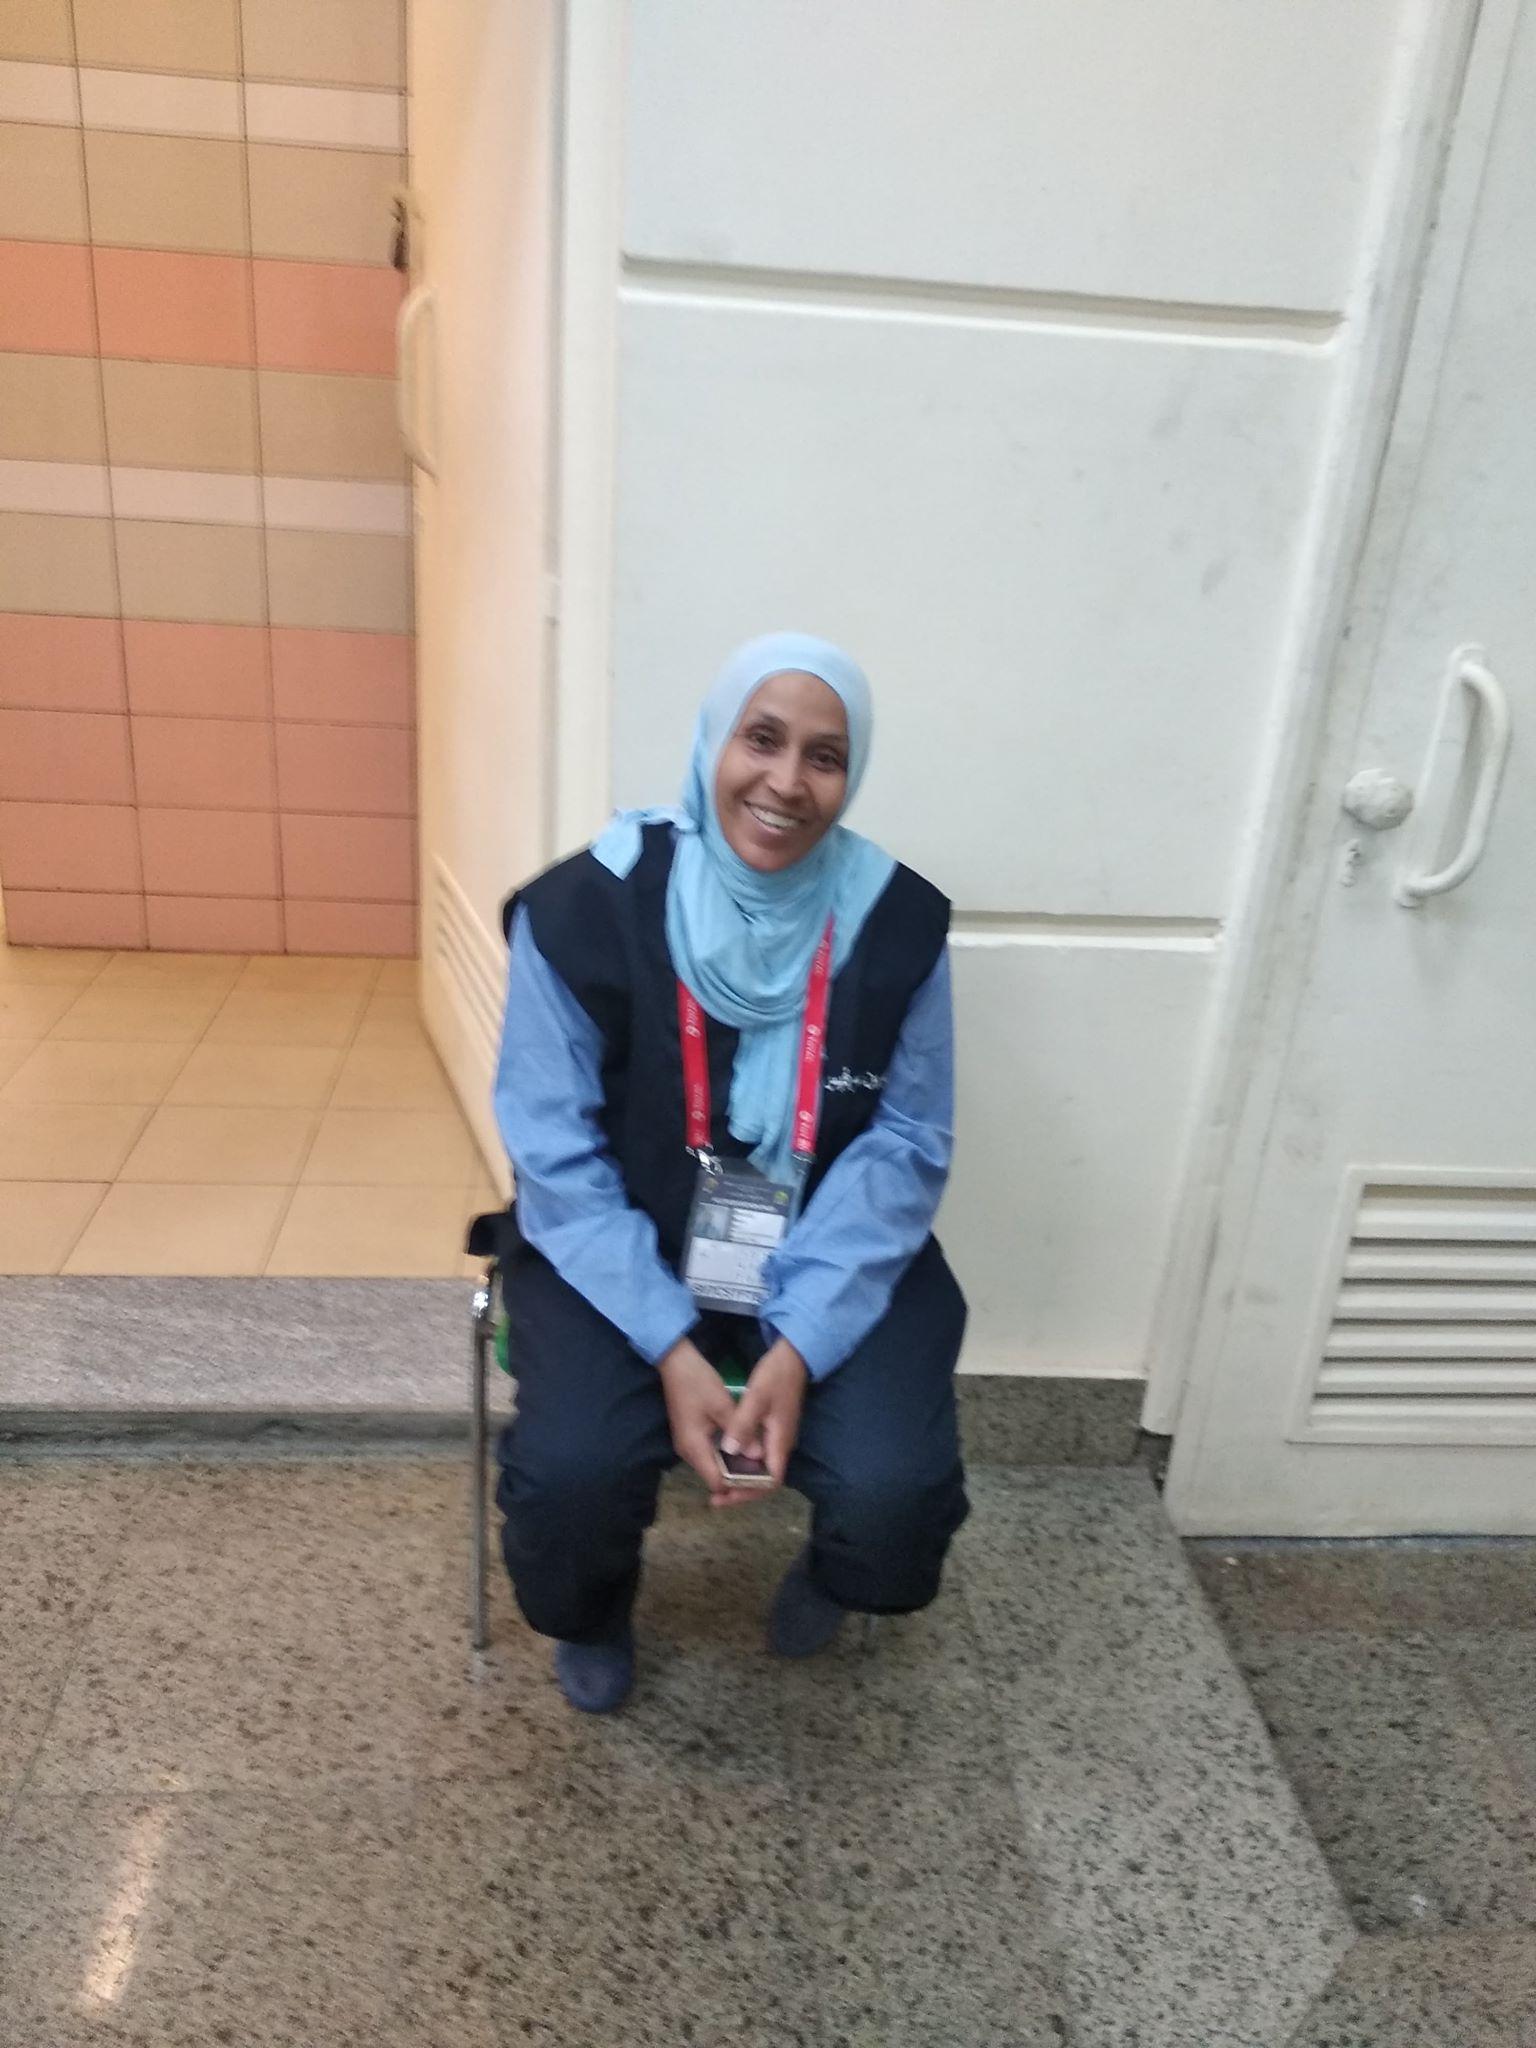 أم عبده إحدى المشرفات على نظافة استاد القاهرة خلال بطولة أمم أفريقيا 2019